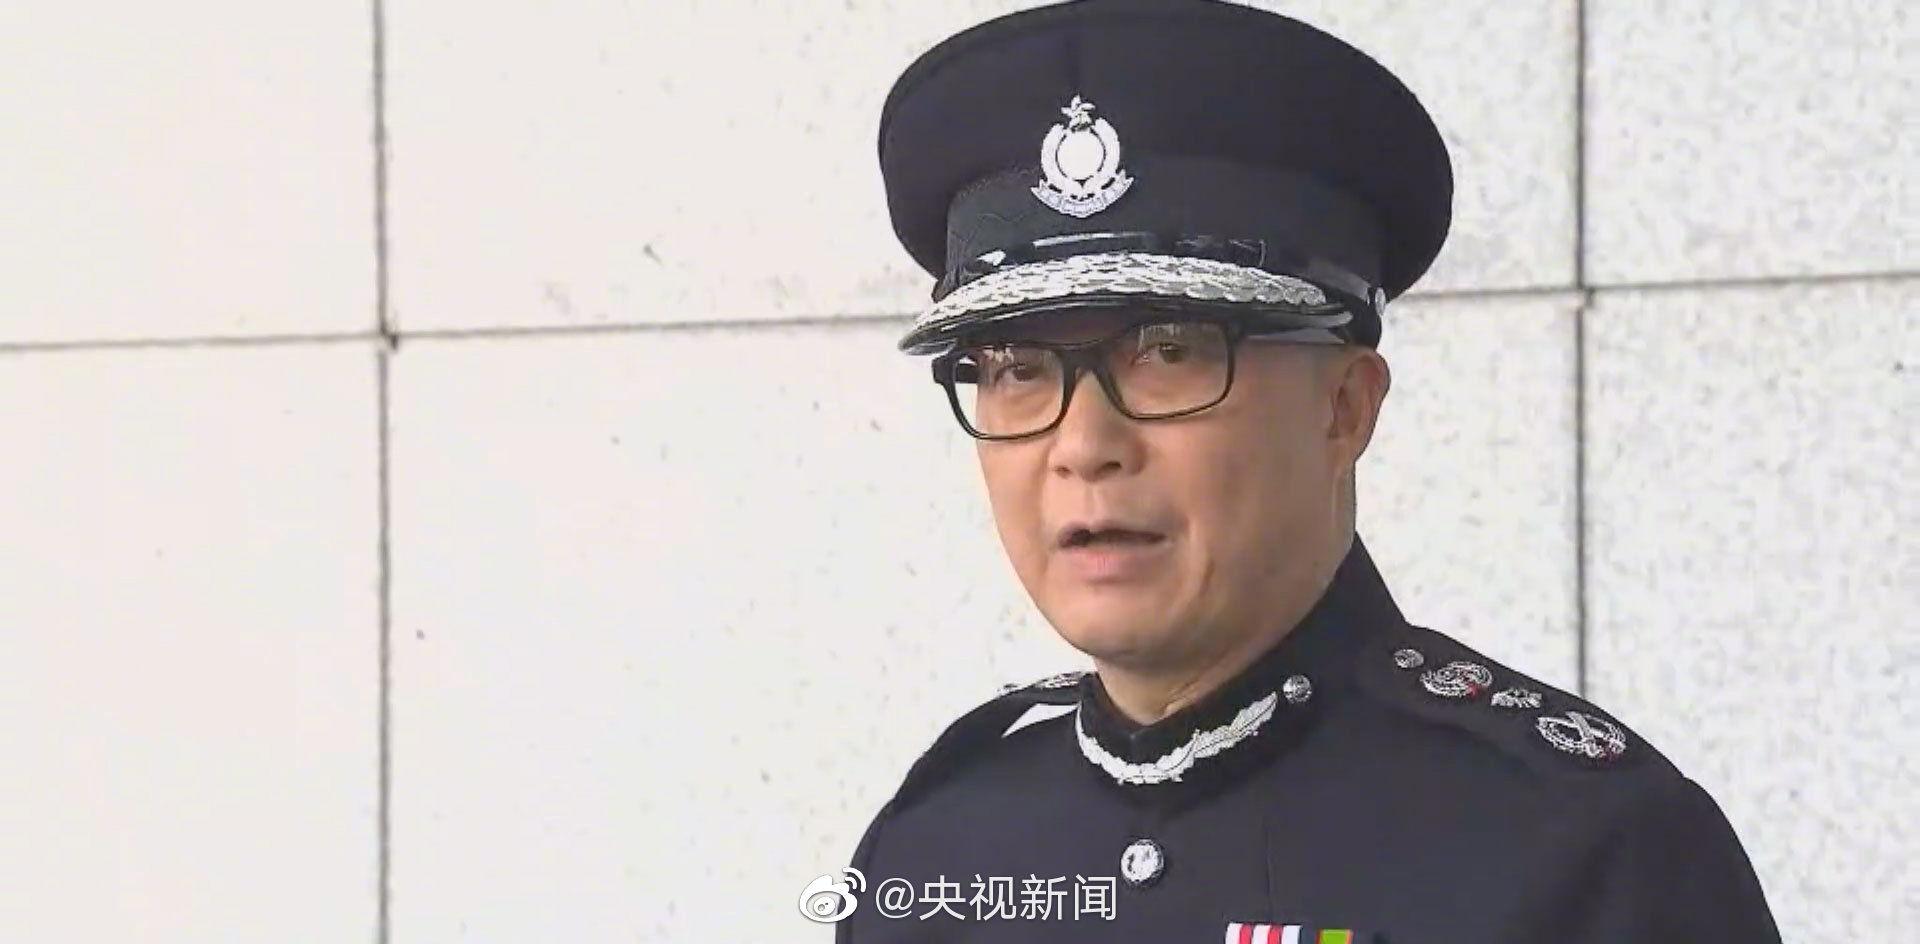 香港新警务处处长称将尽快恢复社会秩序